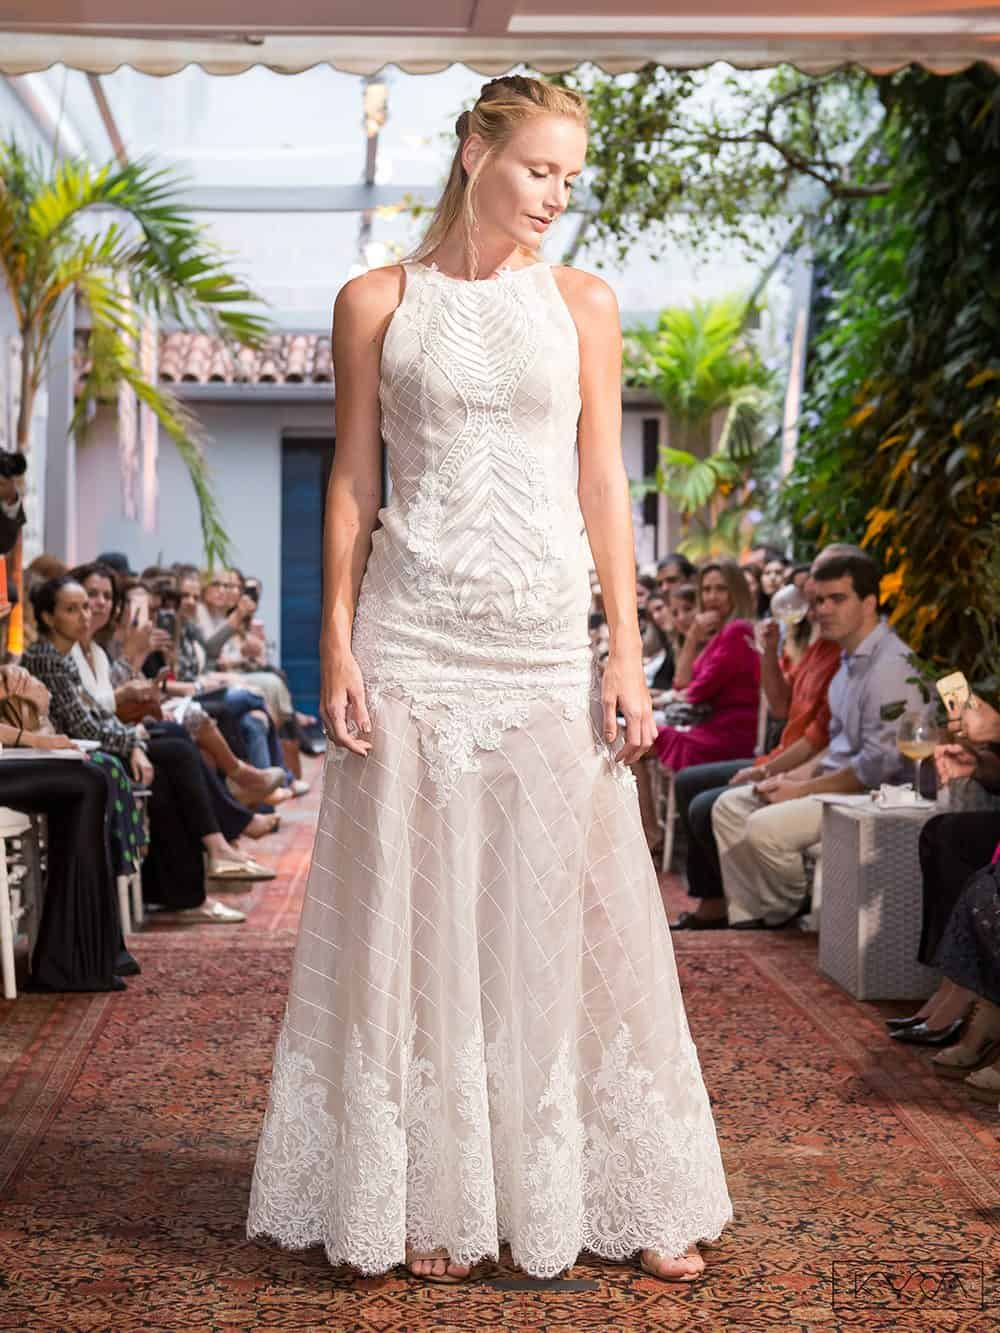 desfile-vestido-de-noiva-entardecer-julia-golldenzon-foto-kyra-mirsky-27